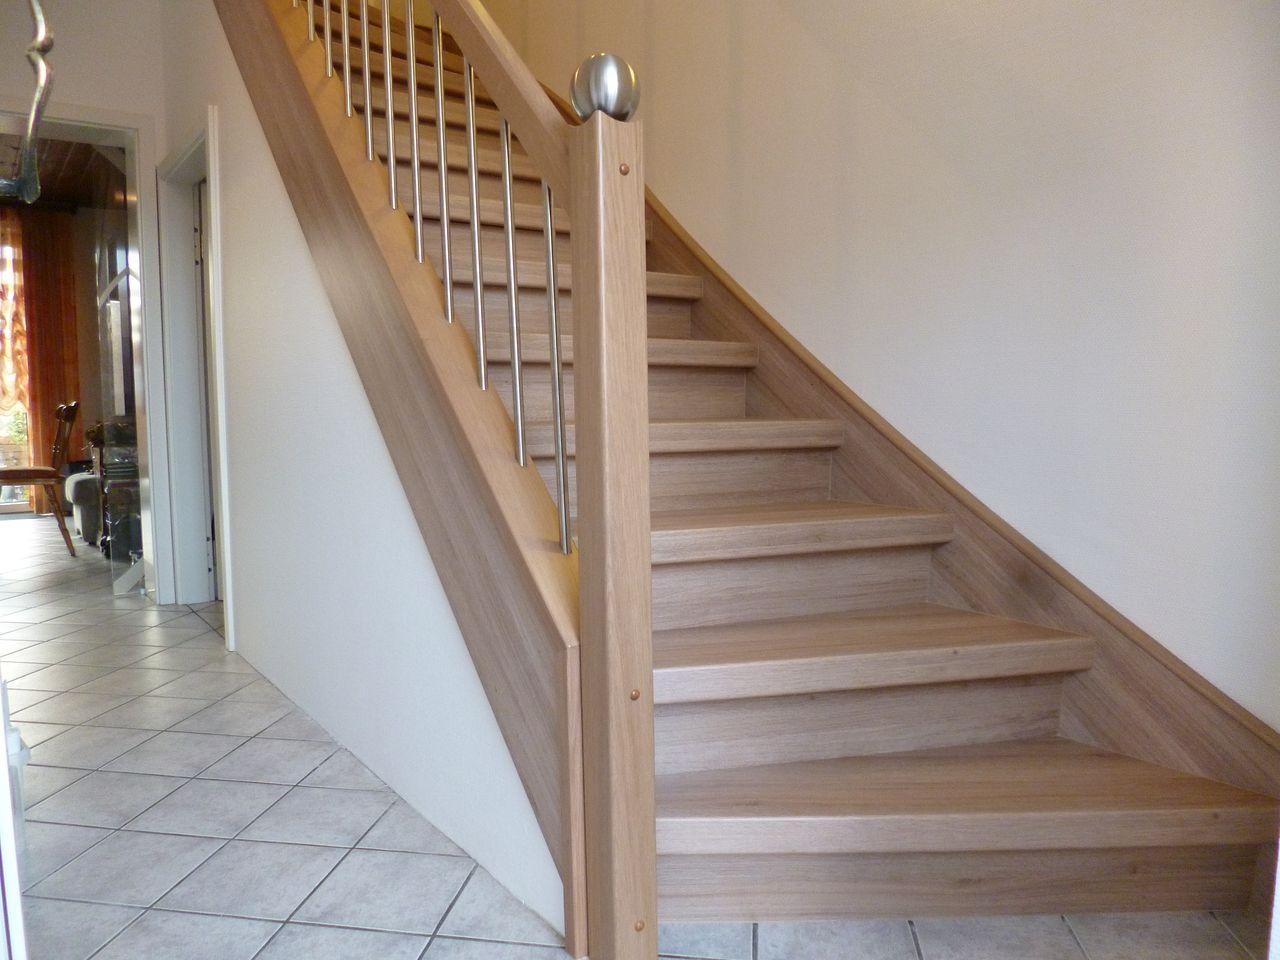 abriebfester laminat jowi holz innenausbau gmbh dauerhafte treppenrenovierung. Black Bedroom Furniture Sets. Home Design Ideas